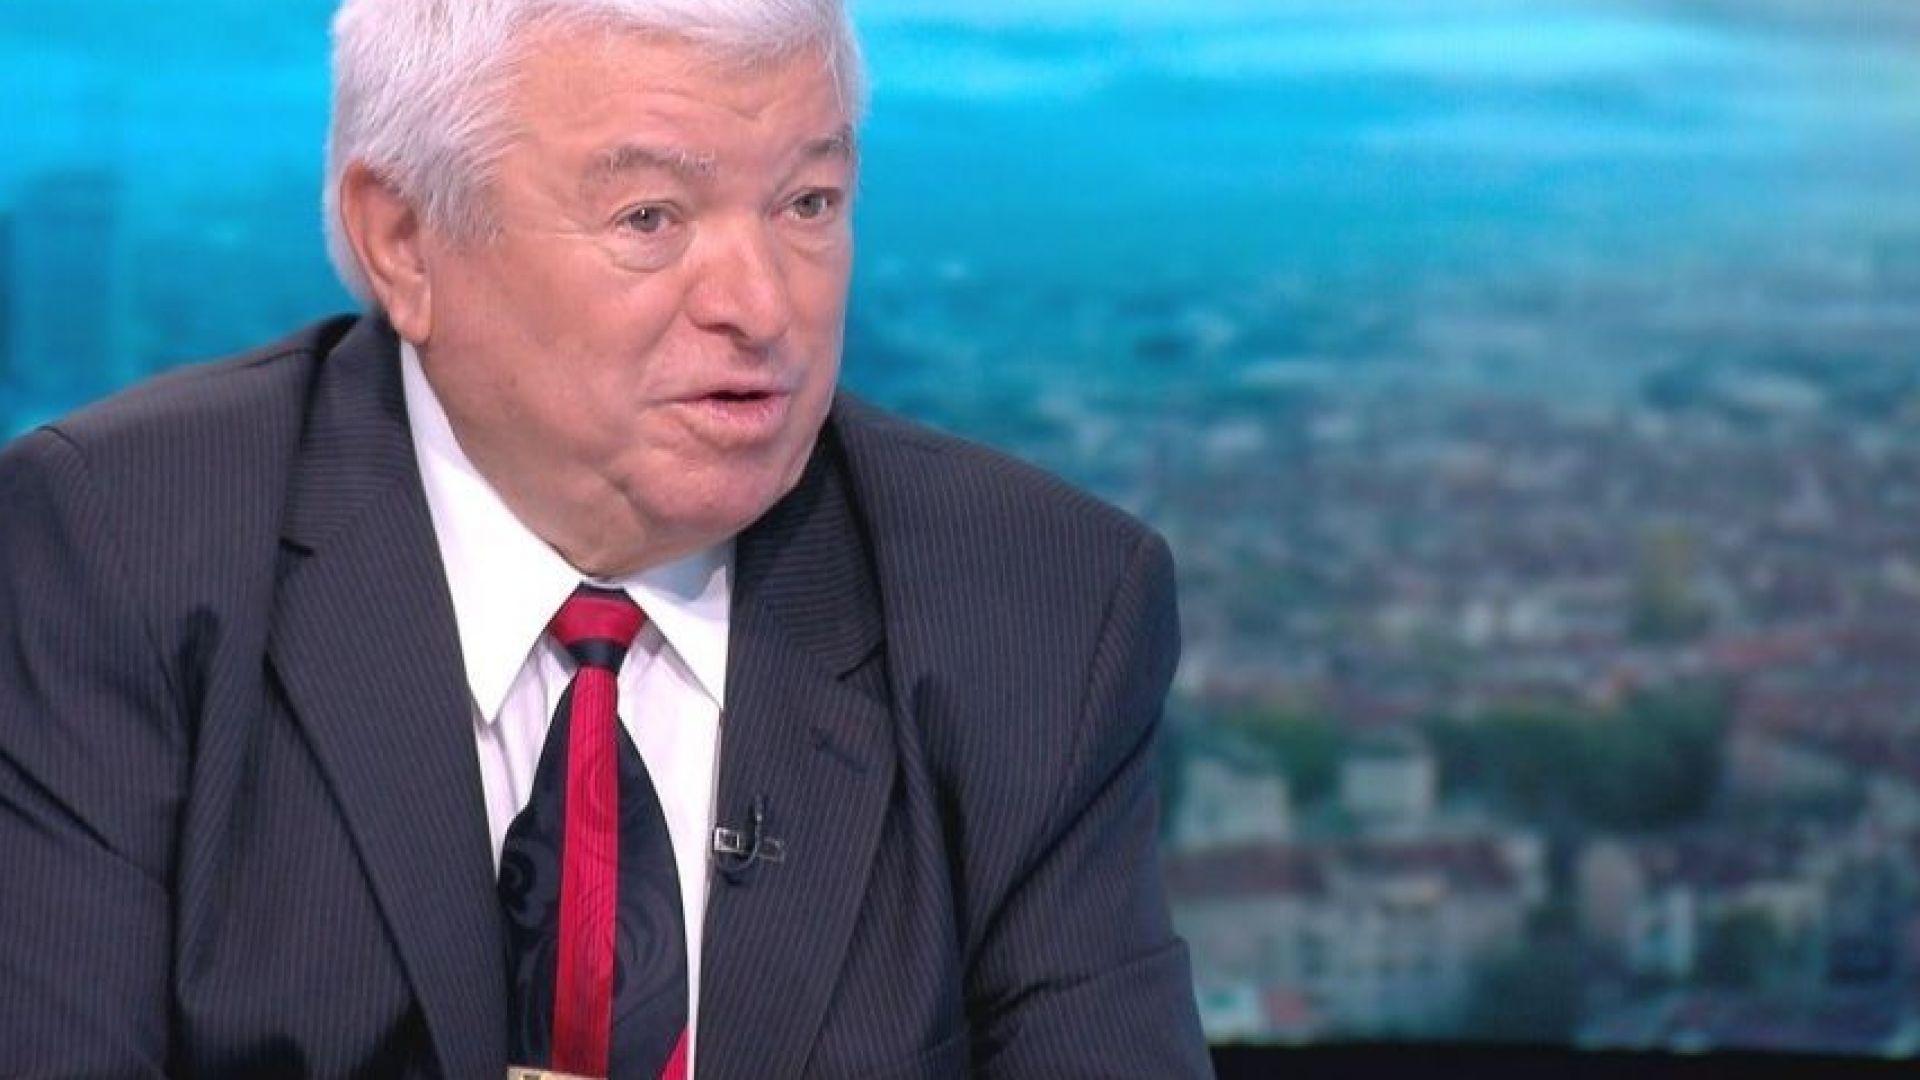 Шефкет Чападжиев: Формулата на успеха е една - търсиш докрай и познаваш това, което правиш